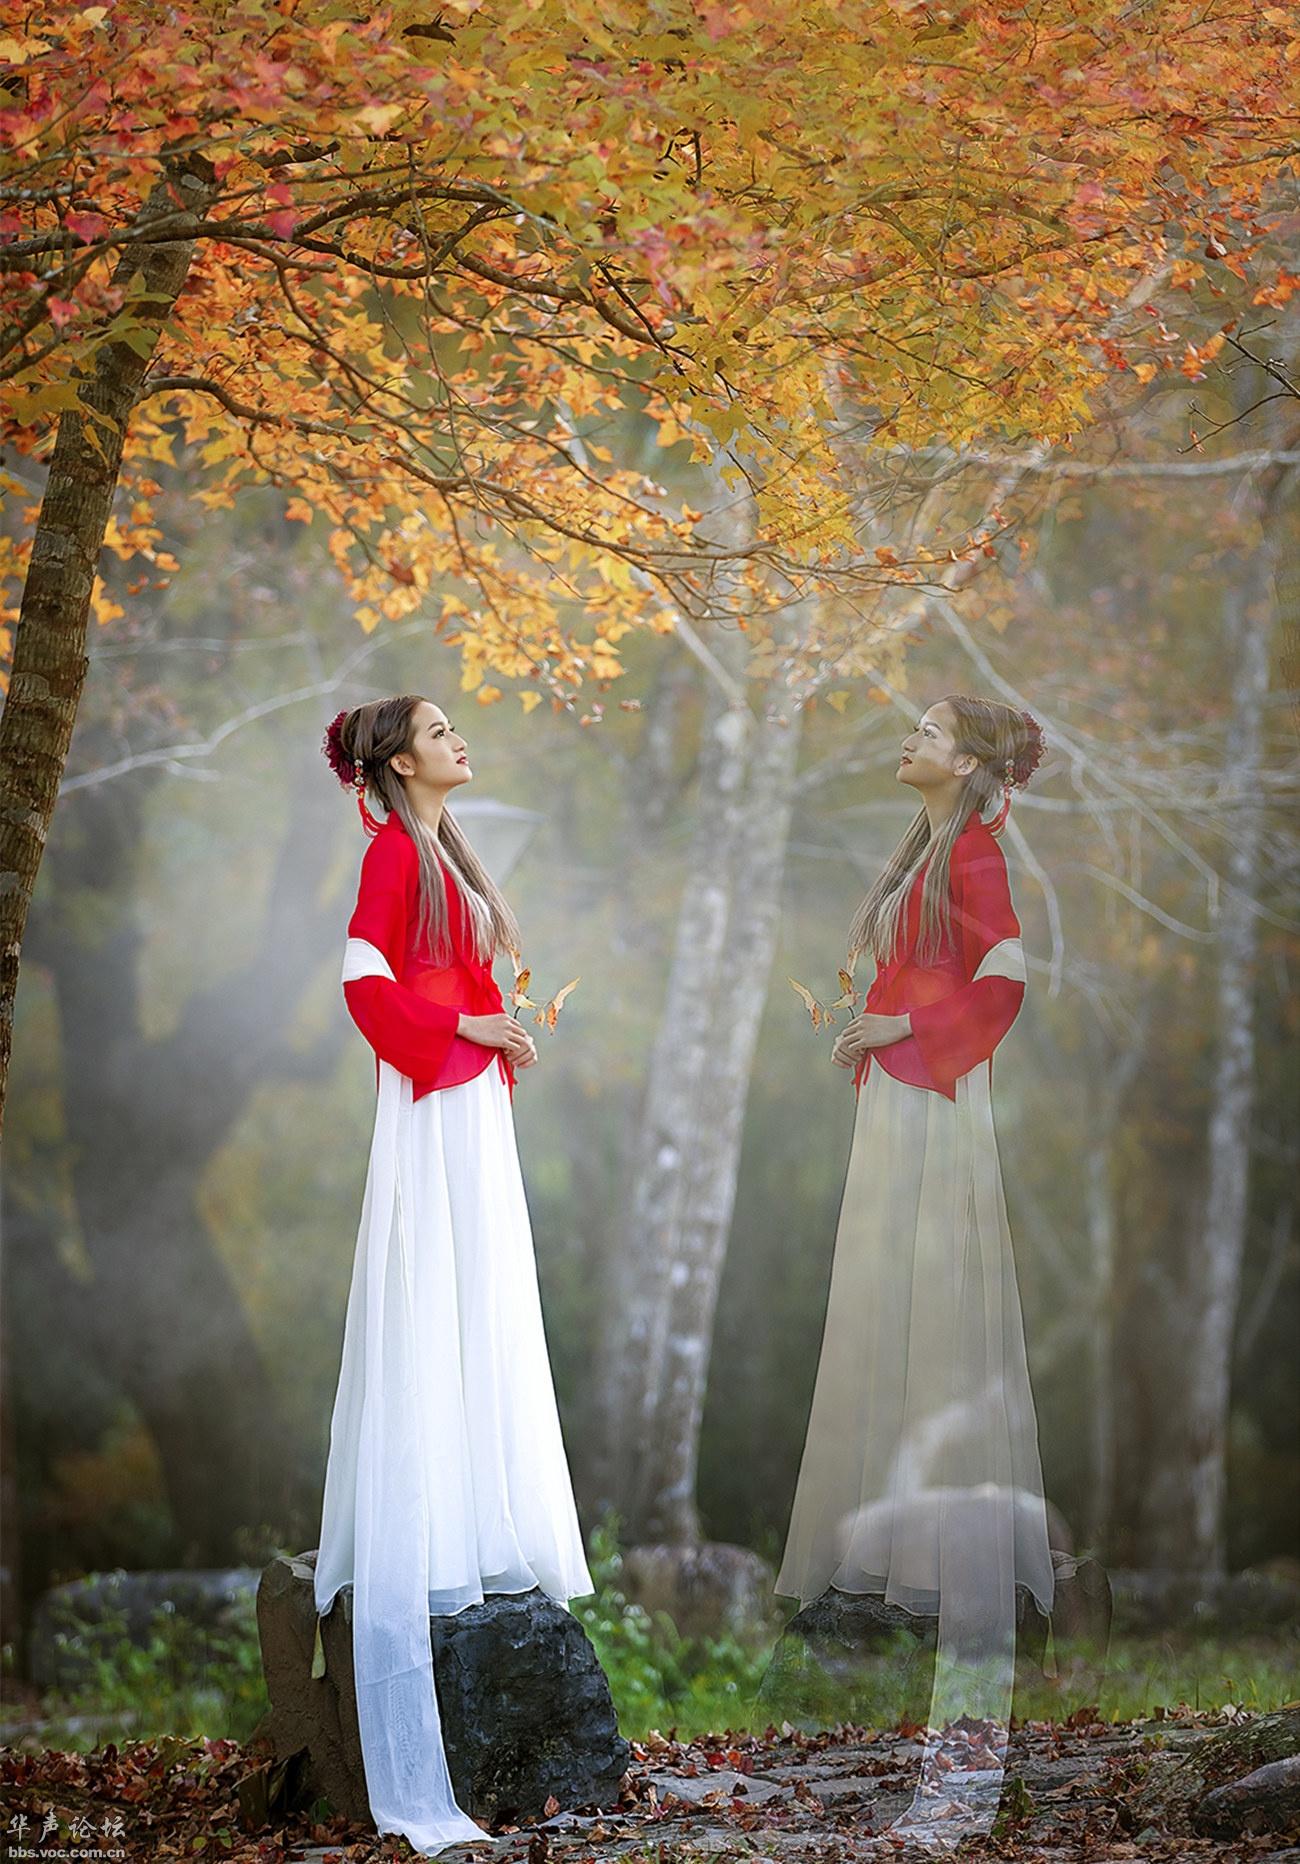 人生需要沉淀  宁静才能致远 【情感人生】- 花仙子 -花仙子的博客